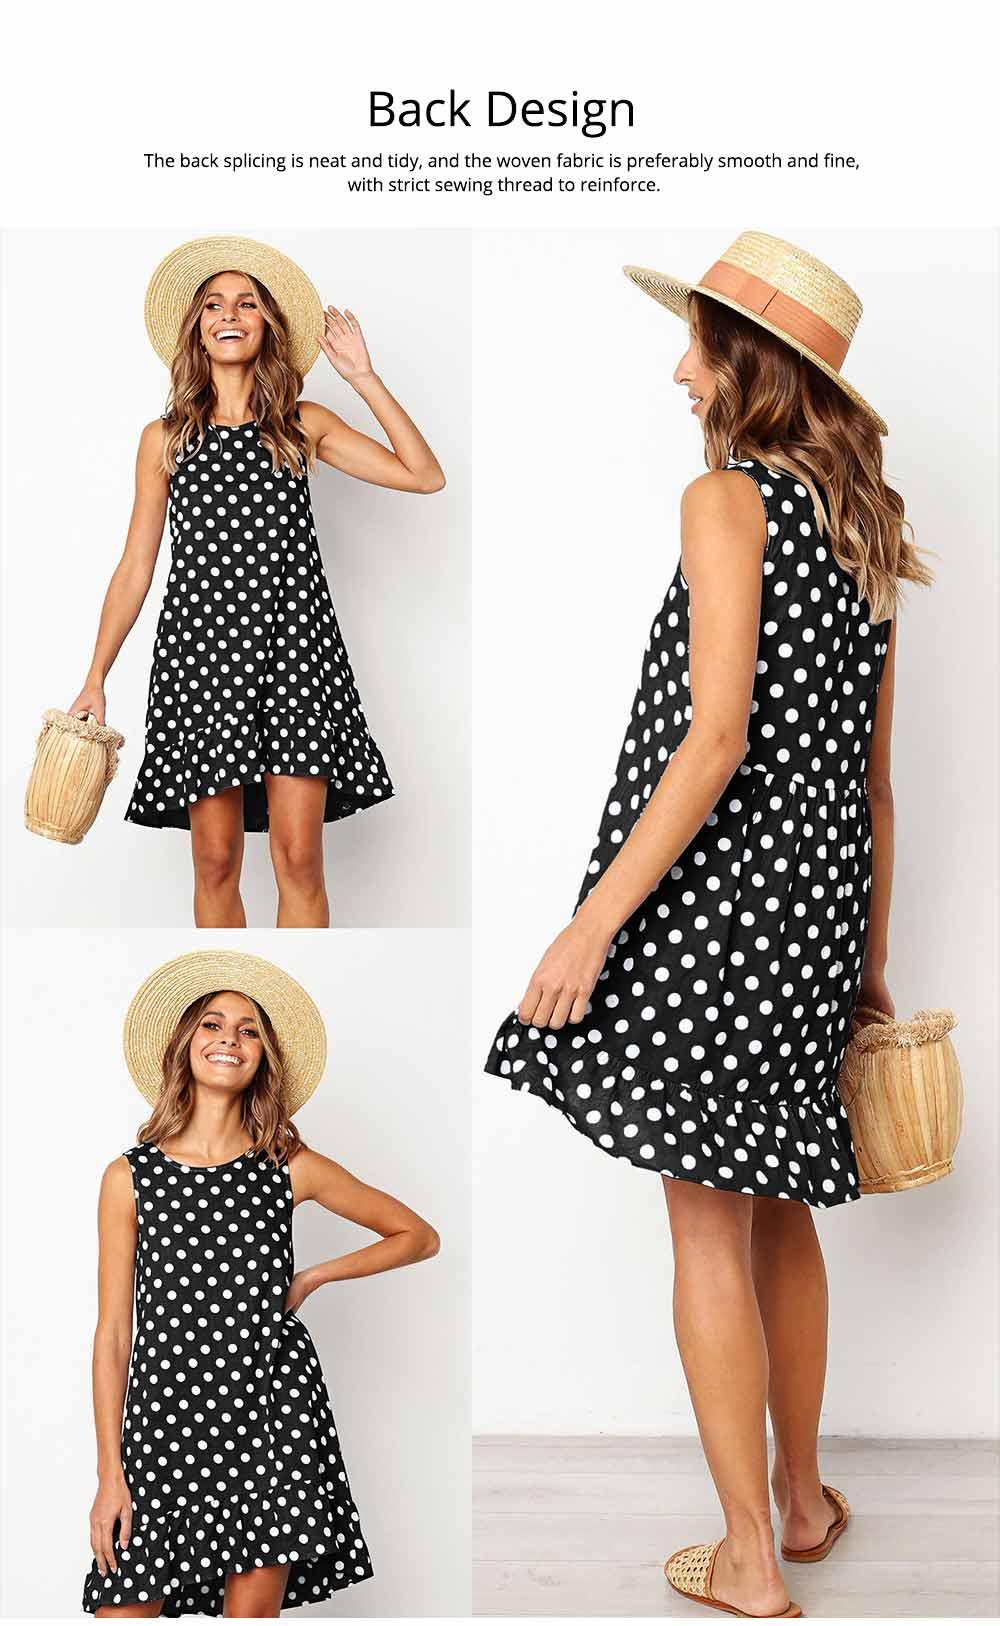 2020 Hot Sell Summer Women Girls Print Polka Dot Dress Ruffle Sleeveless A-Line Casual Loose Short Skirt 4